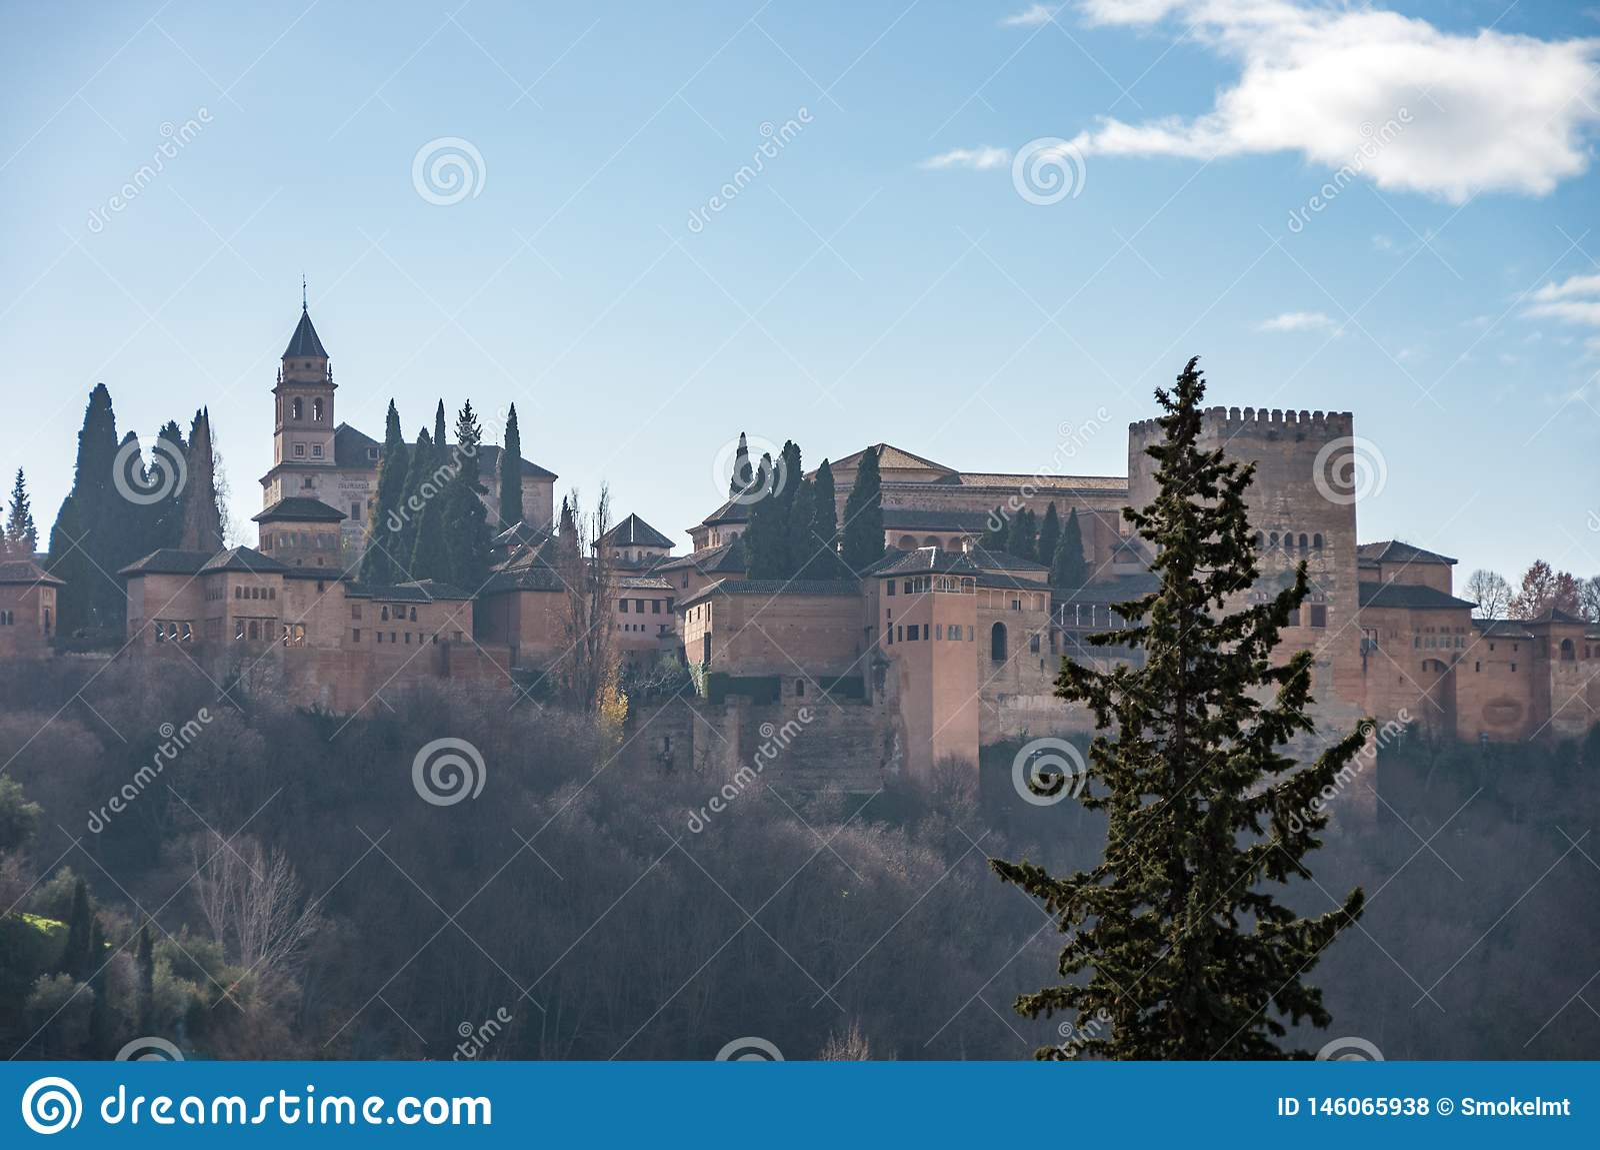 Vue D Alhambra Palace Grenade Espagne Avec Des Montagnes De Sierra Nevada Dans La Neige Au Fond Grenade Photo Stock Image Du Espagne Alhambra 146065938